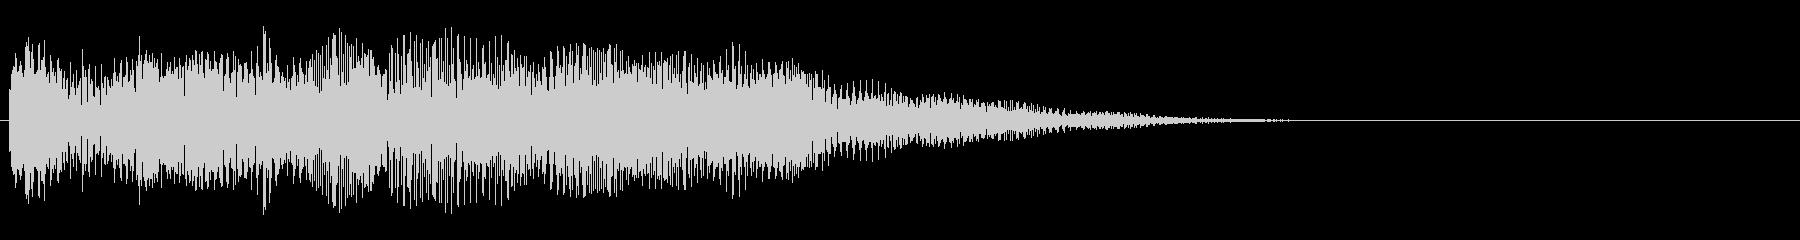 強化されたプラクテッドシンセアクセント9の未再生の波形